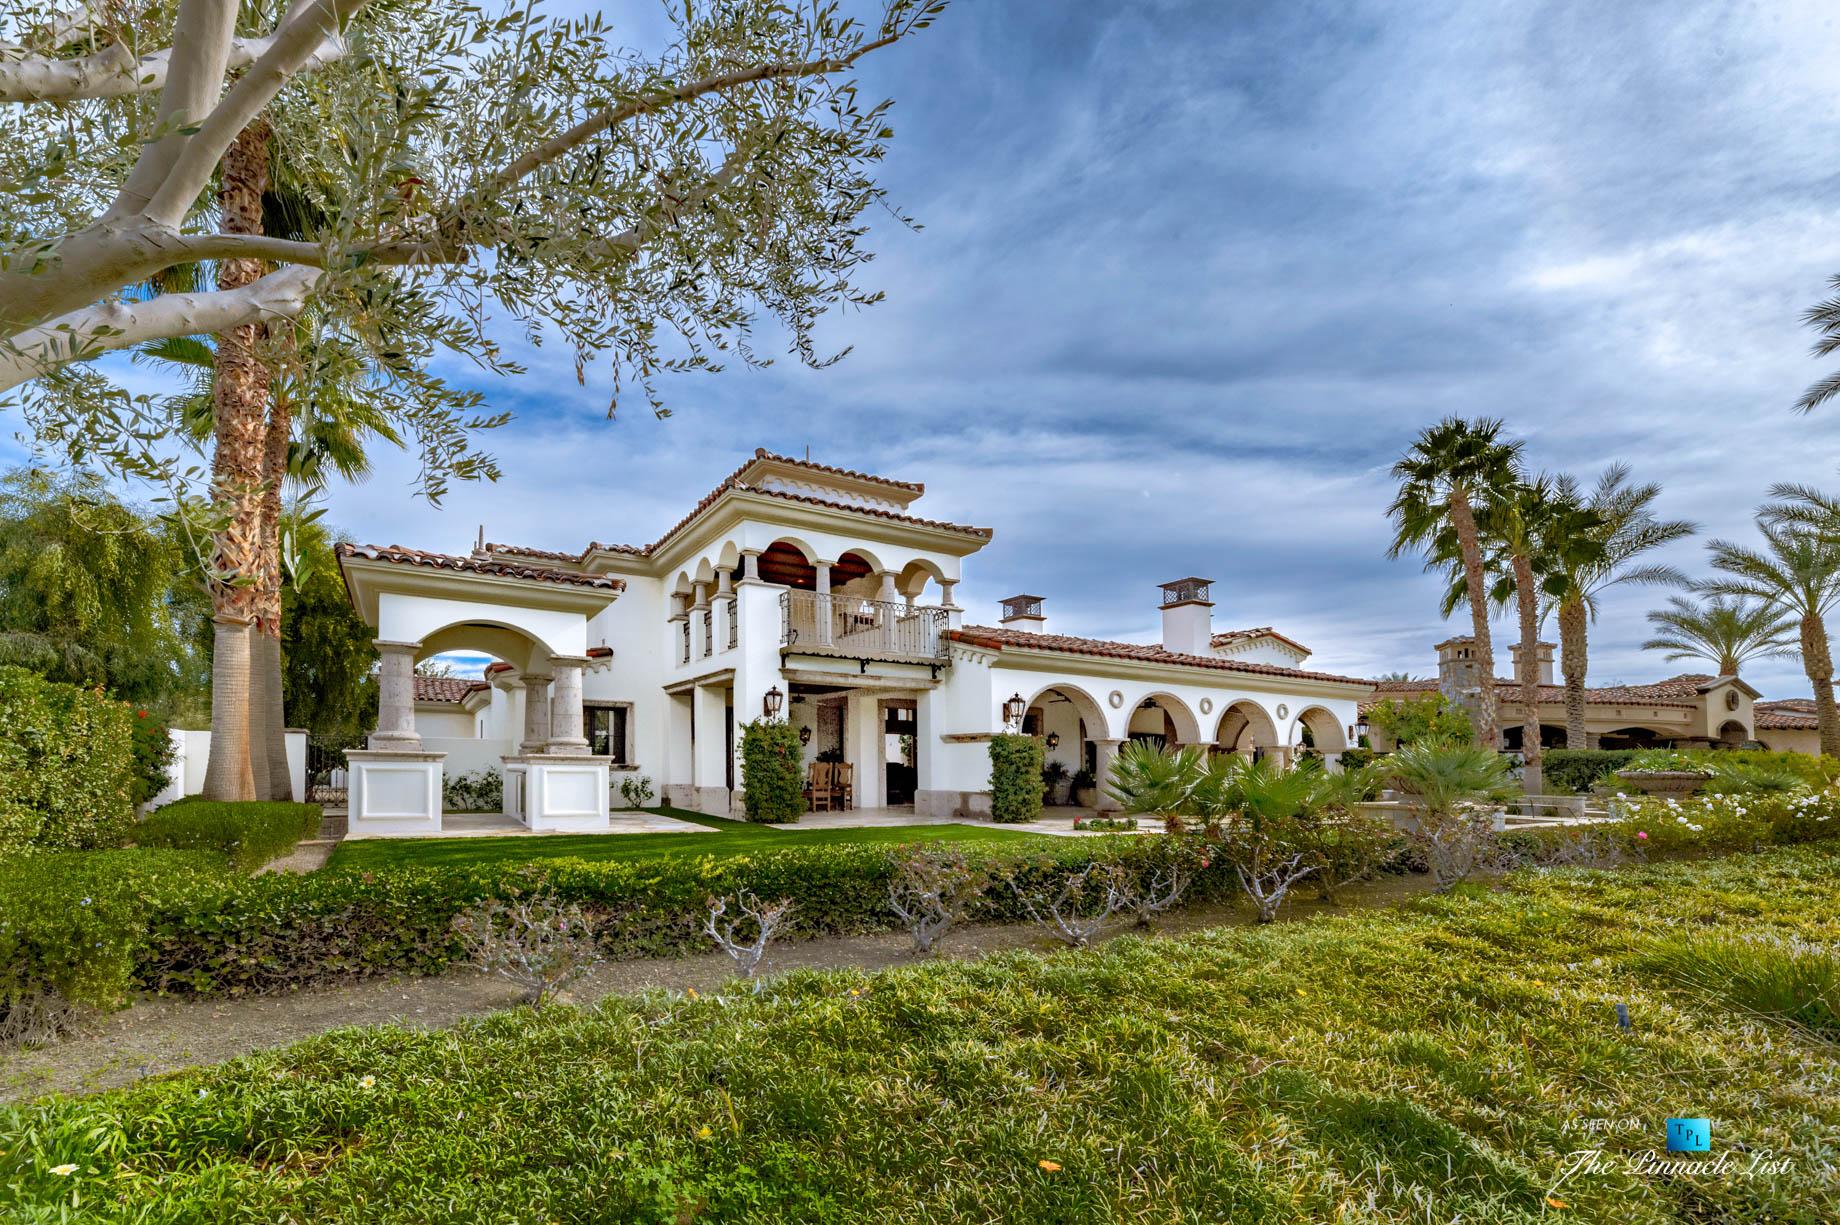 087 – 52647 Via Savona, La Quinta, CA, USA